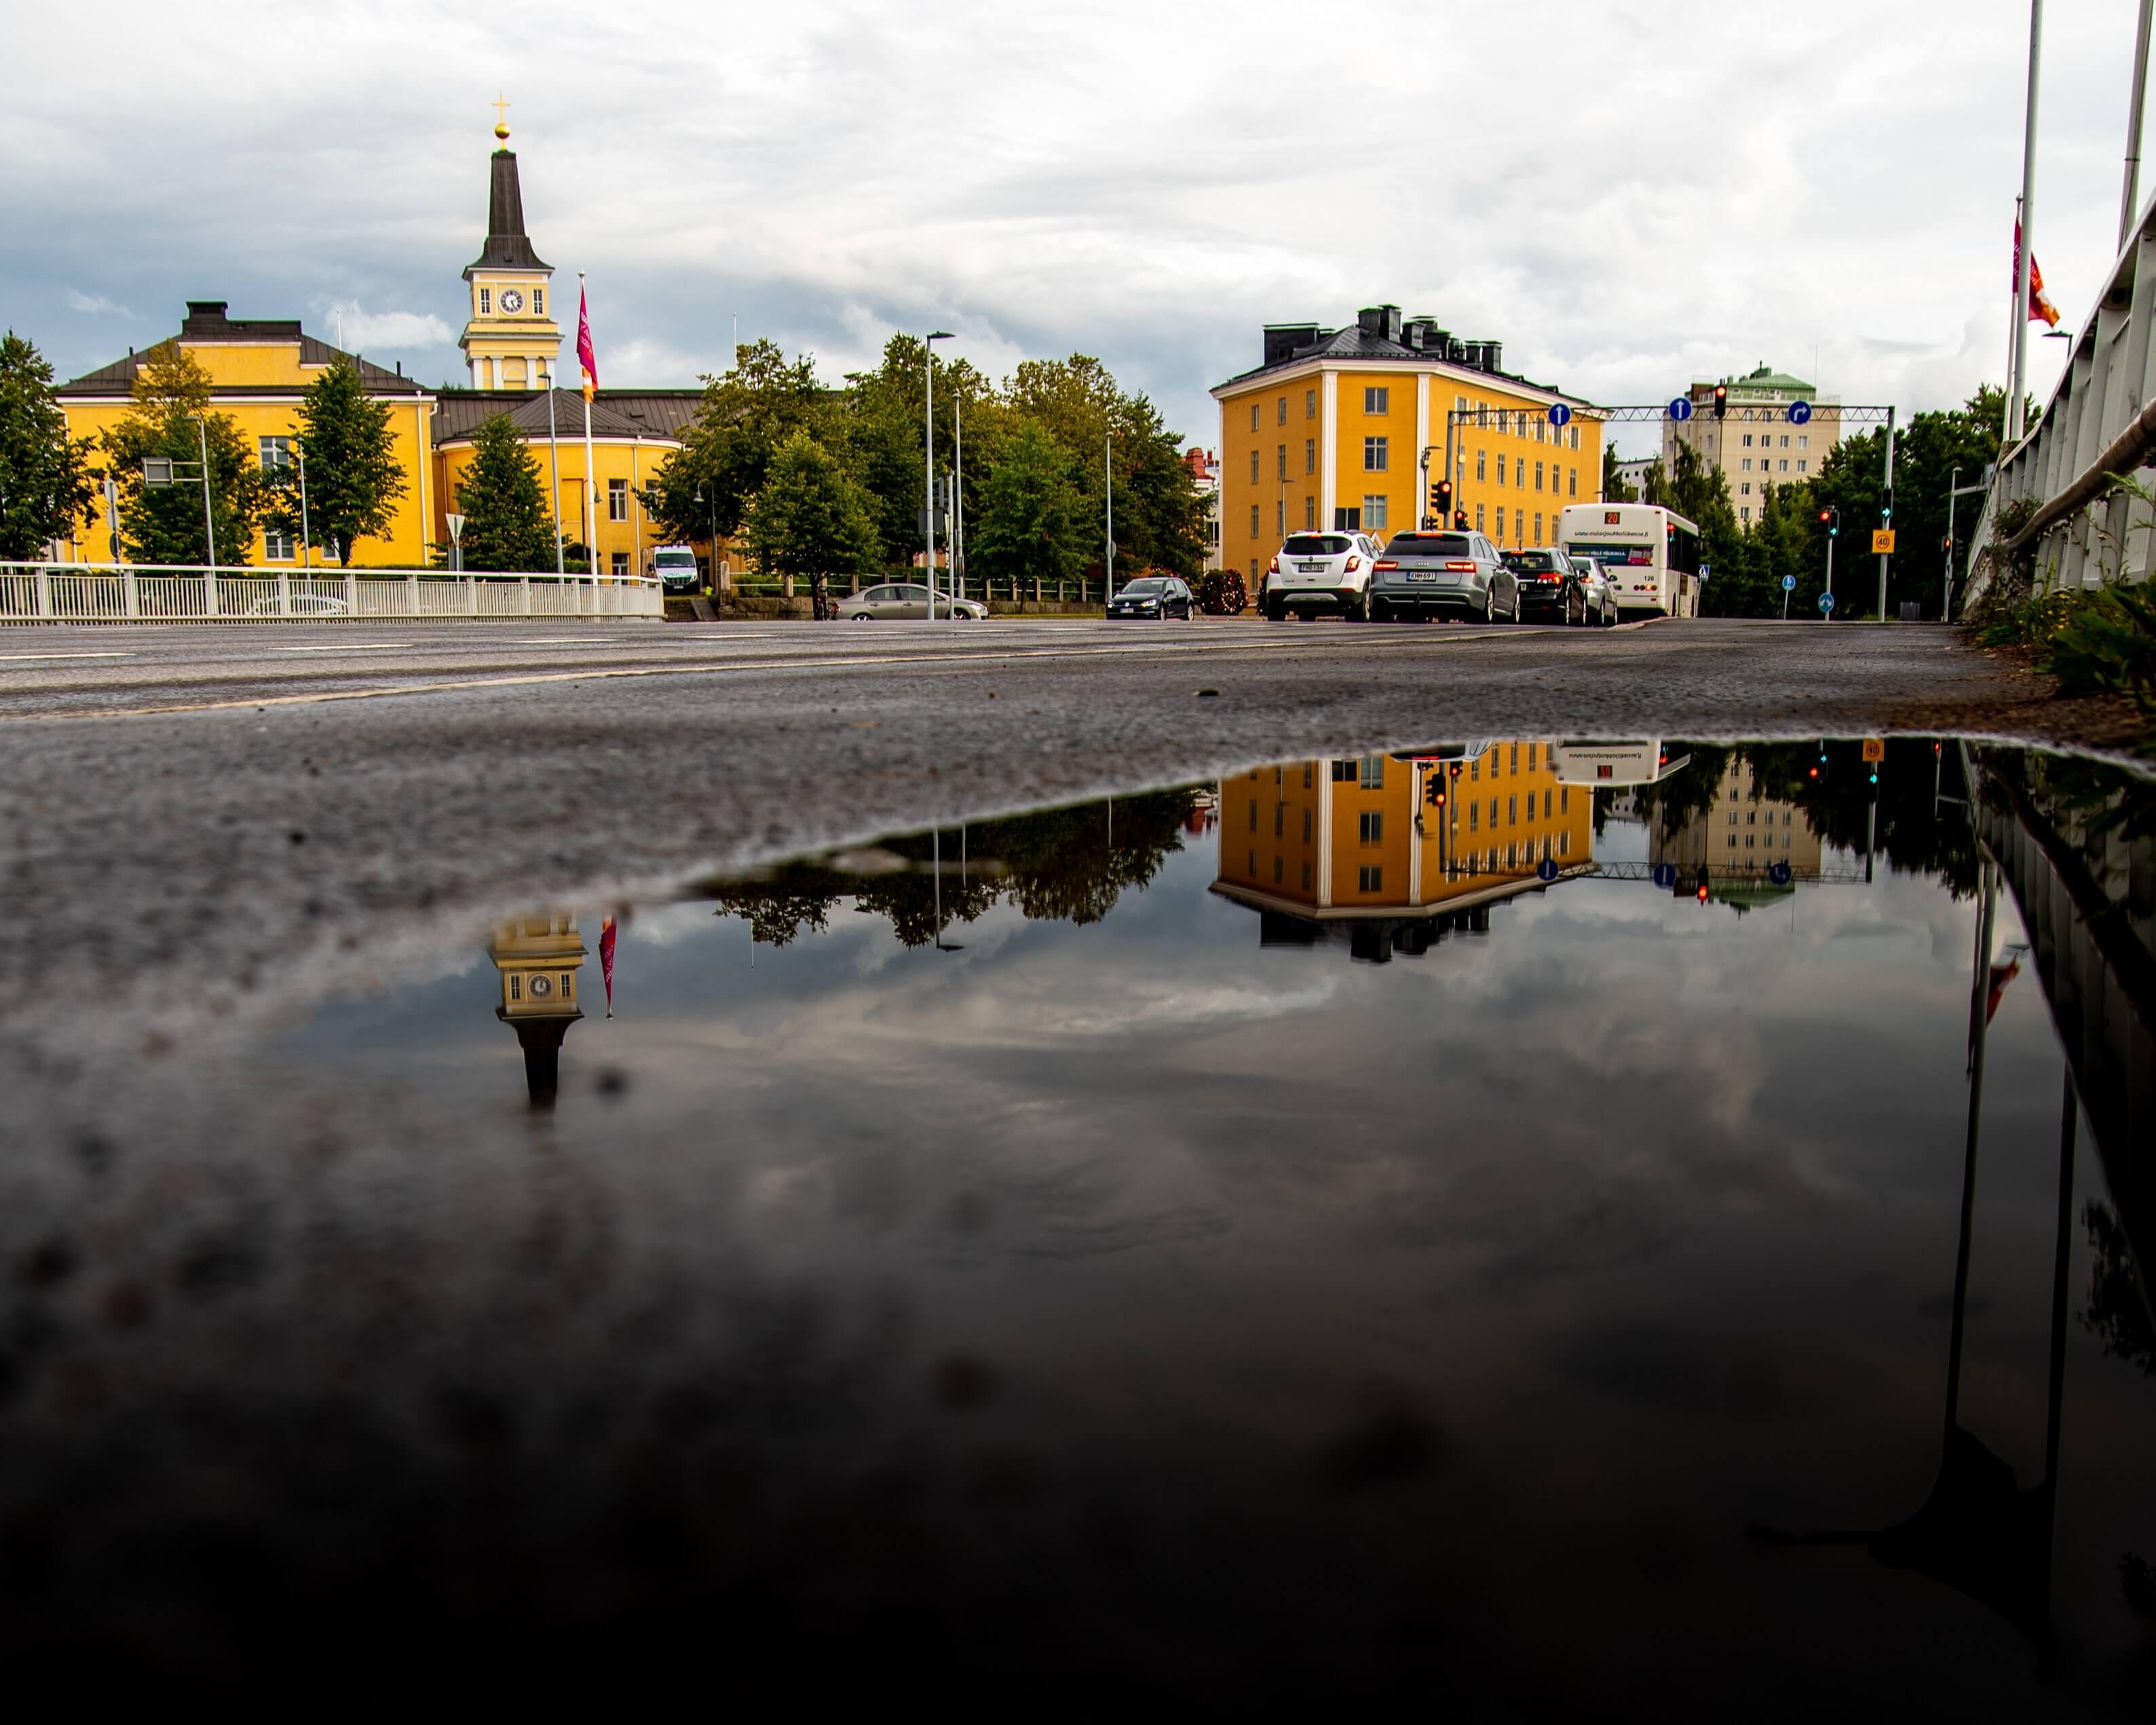 Photo by Petri Haanpää on Unsplash